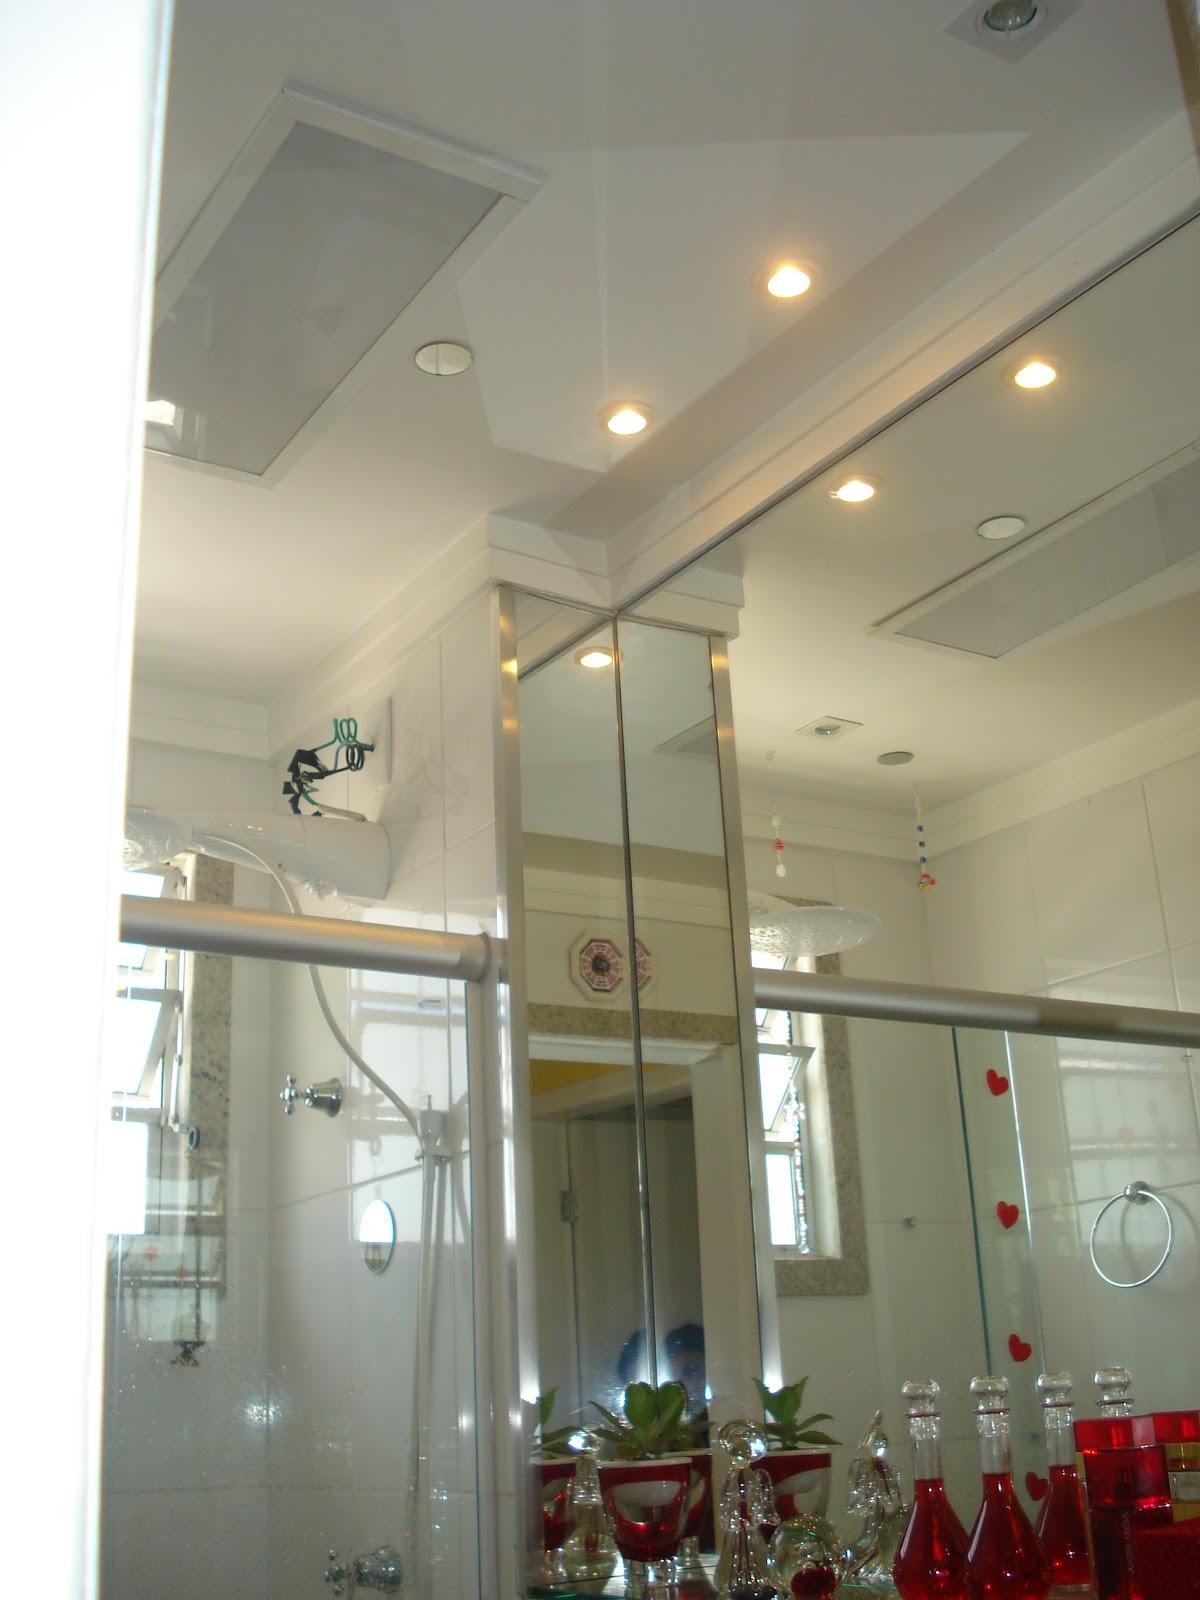 para equilibrar energia dos banheiros Banheiro no Guá do Sucesso #643428 1200 1600